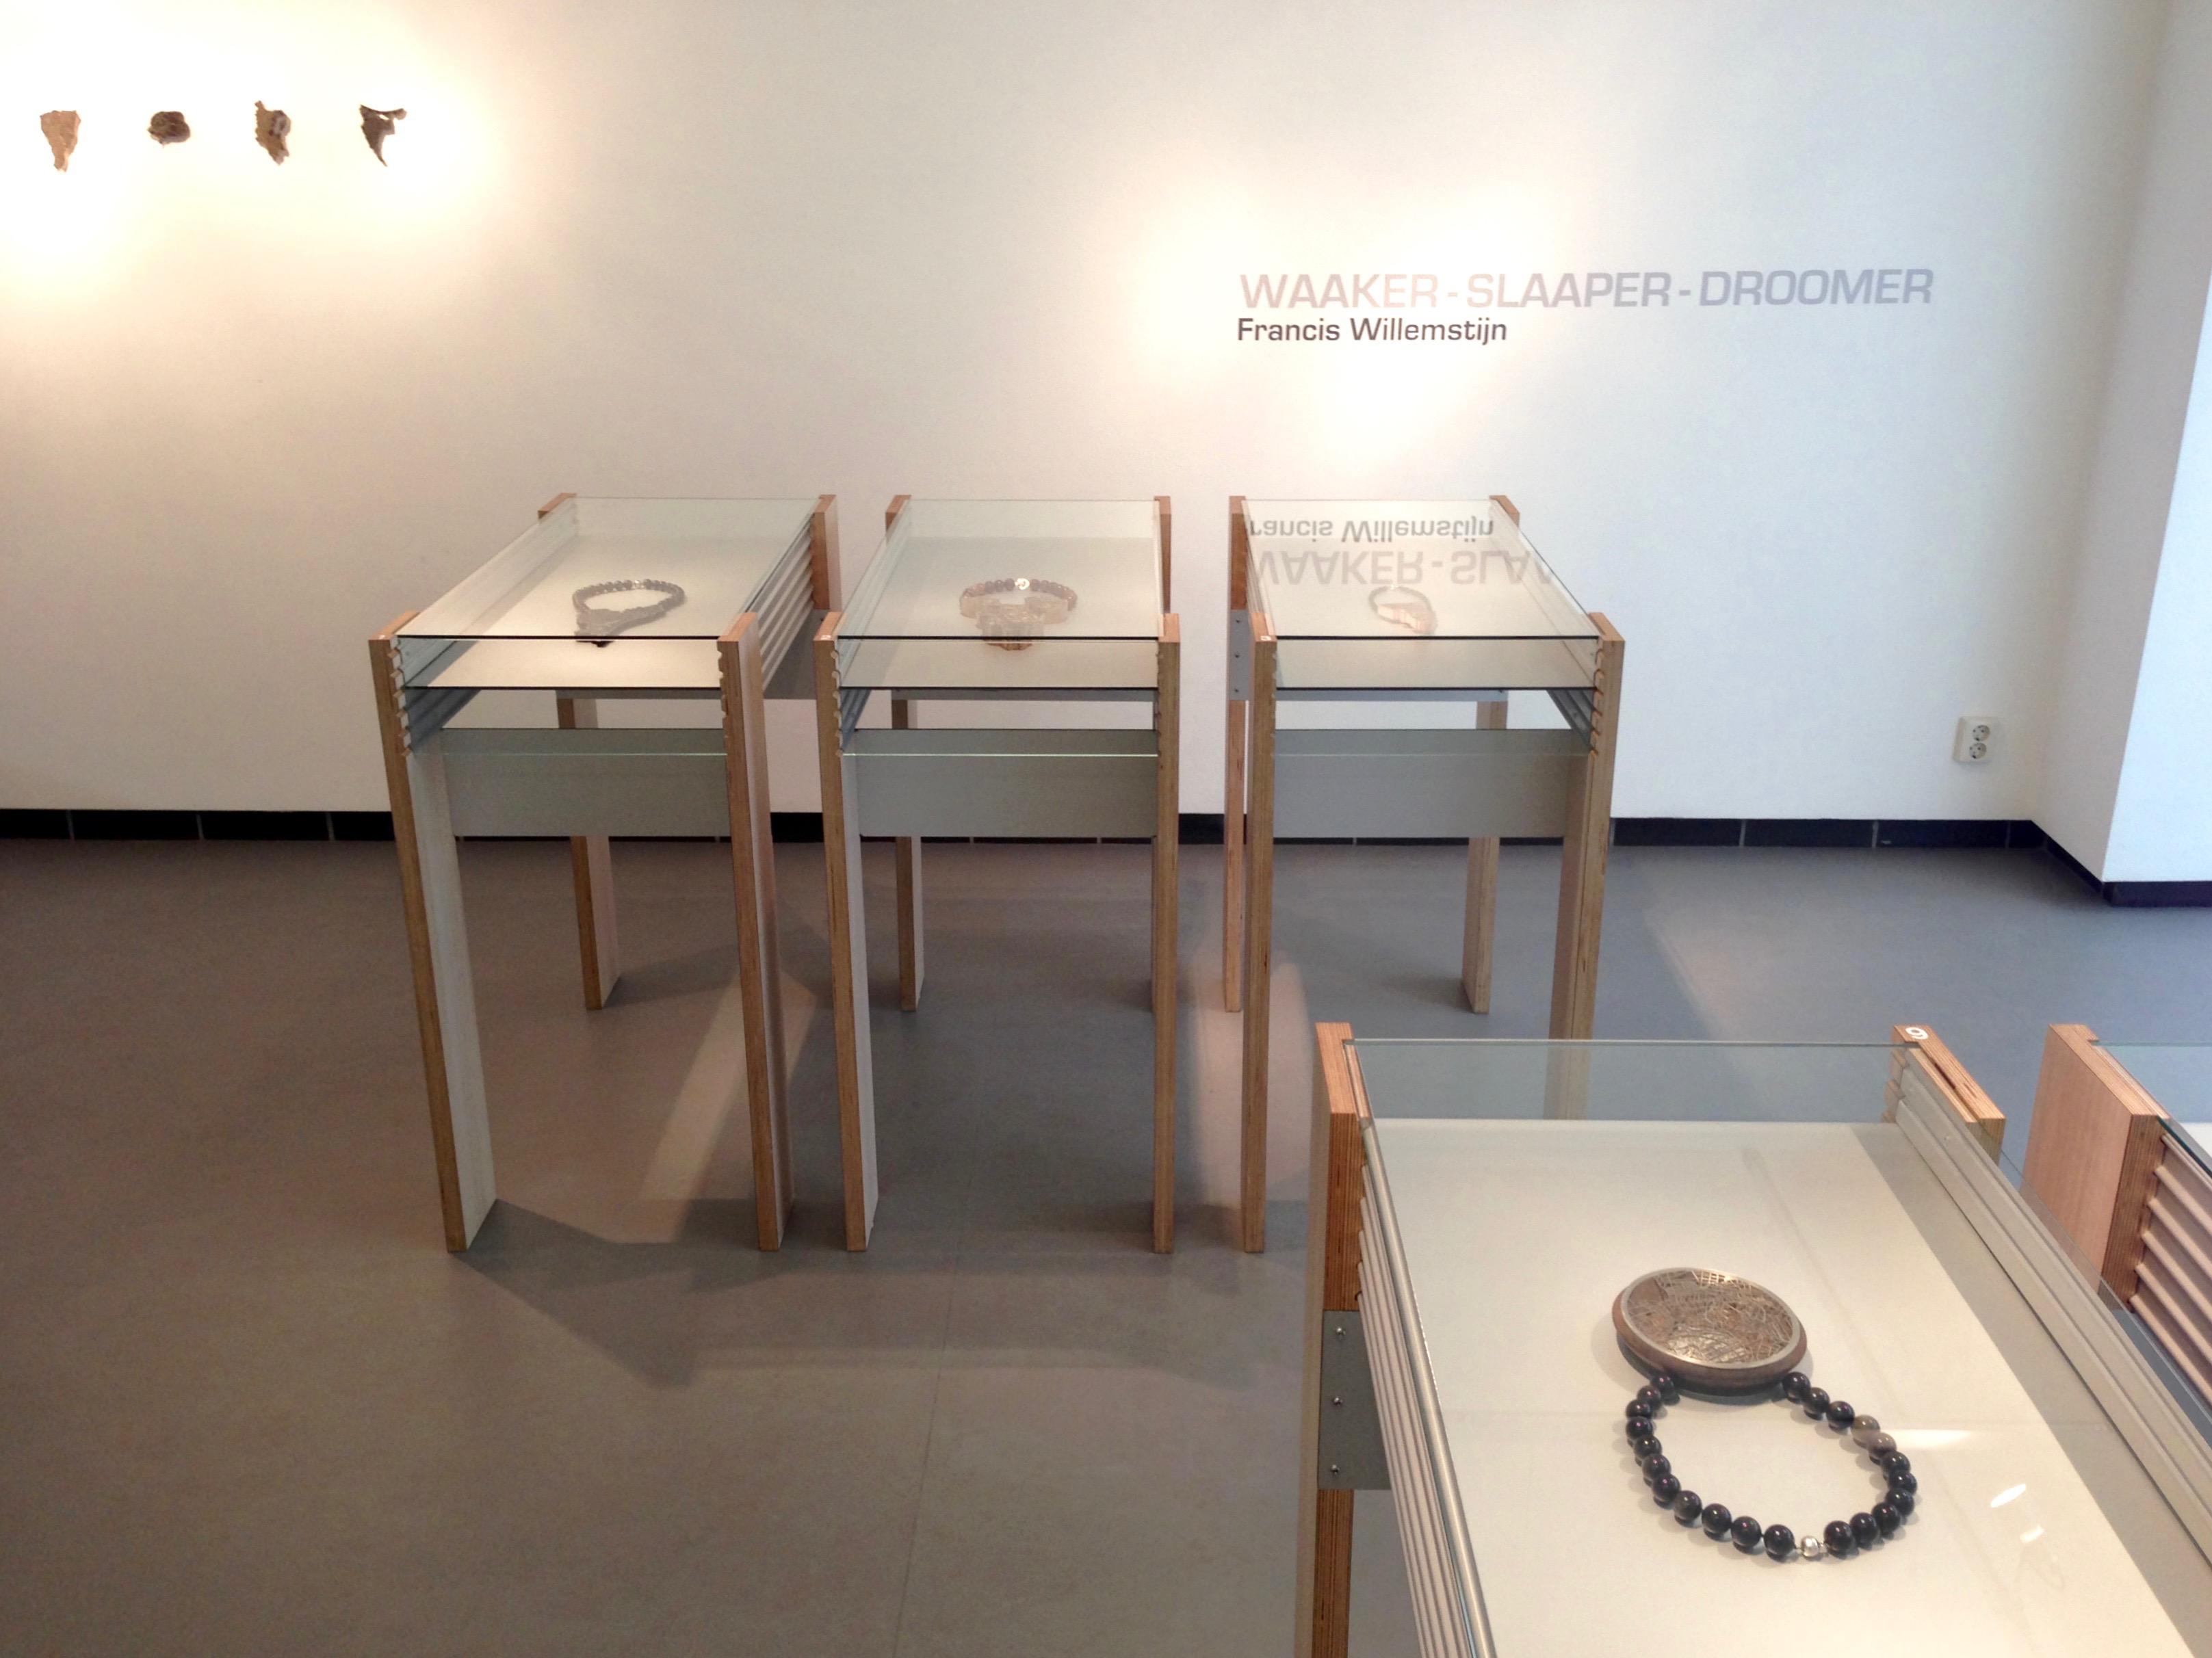 Francis Willemstijn, Waaker - Slaaper - Droomer, Galerie Rob Koudijs, 2016, tentoonstelling